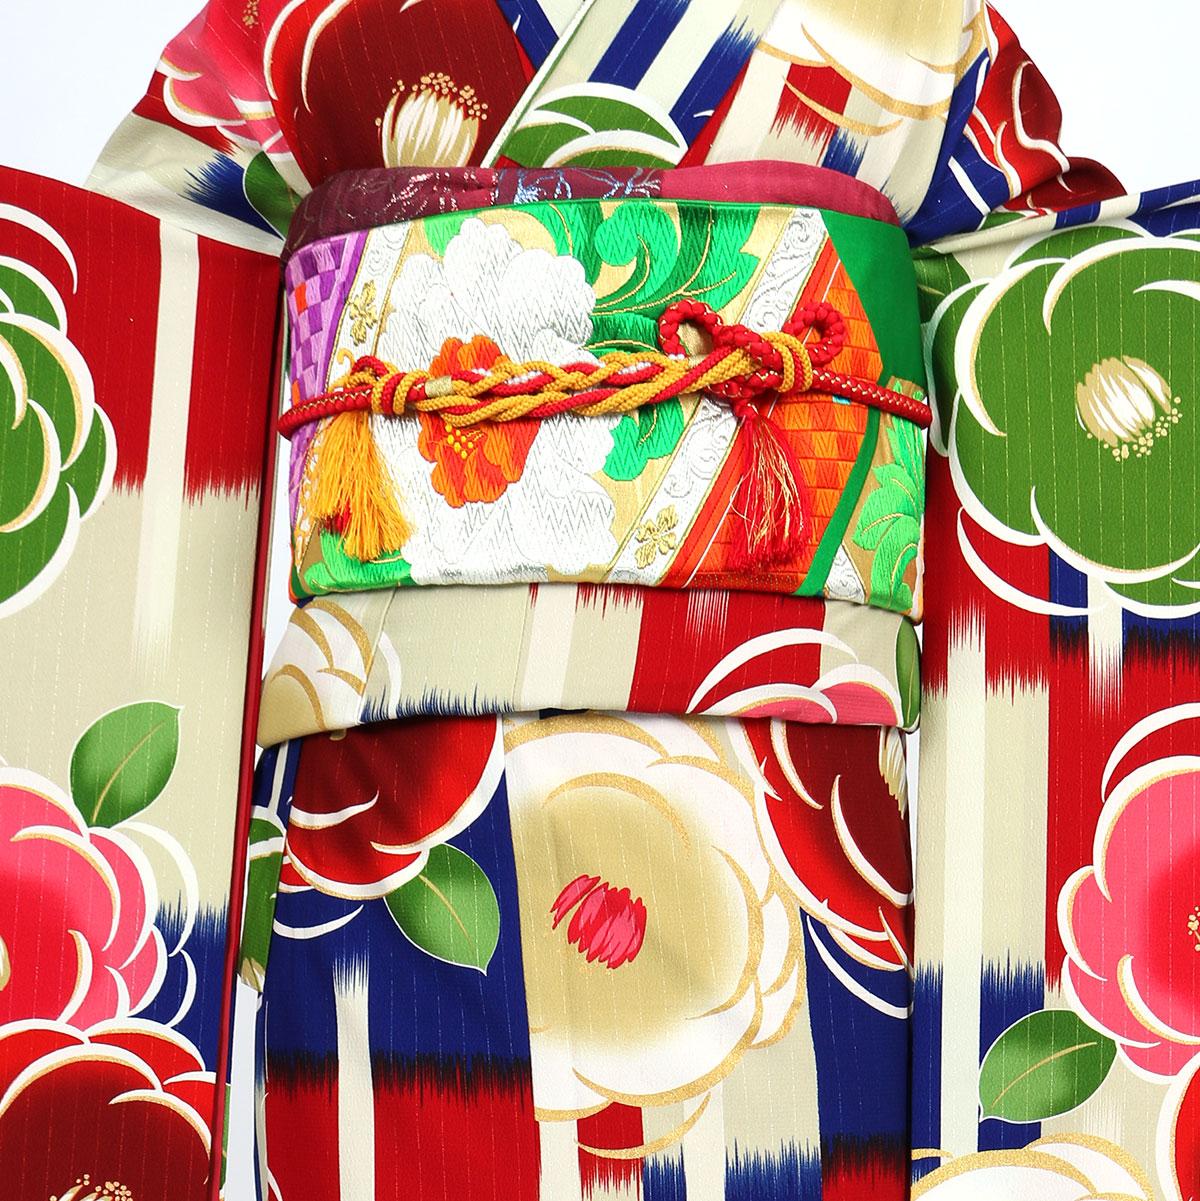 【成人式】 [安心の長期間レンタル]【対応身長155cm〜170cm】レンタル振袖フルセット-896 花柄 レトロ ポップキュート 赤系 緑系 牡丹 格子 総柄